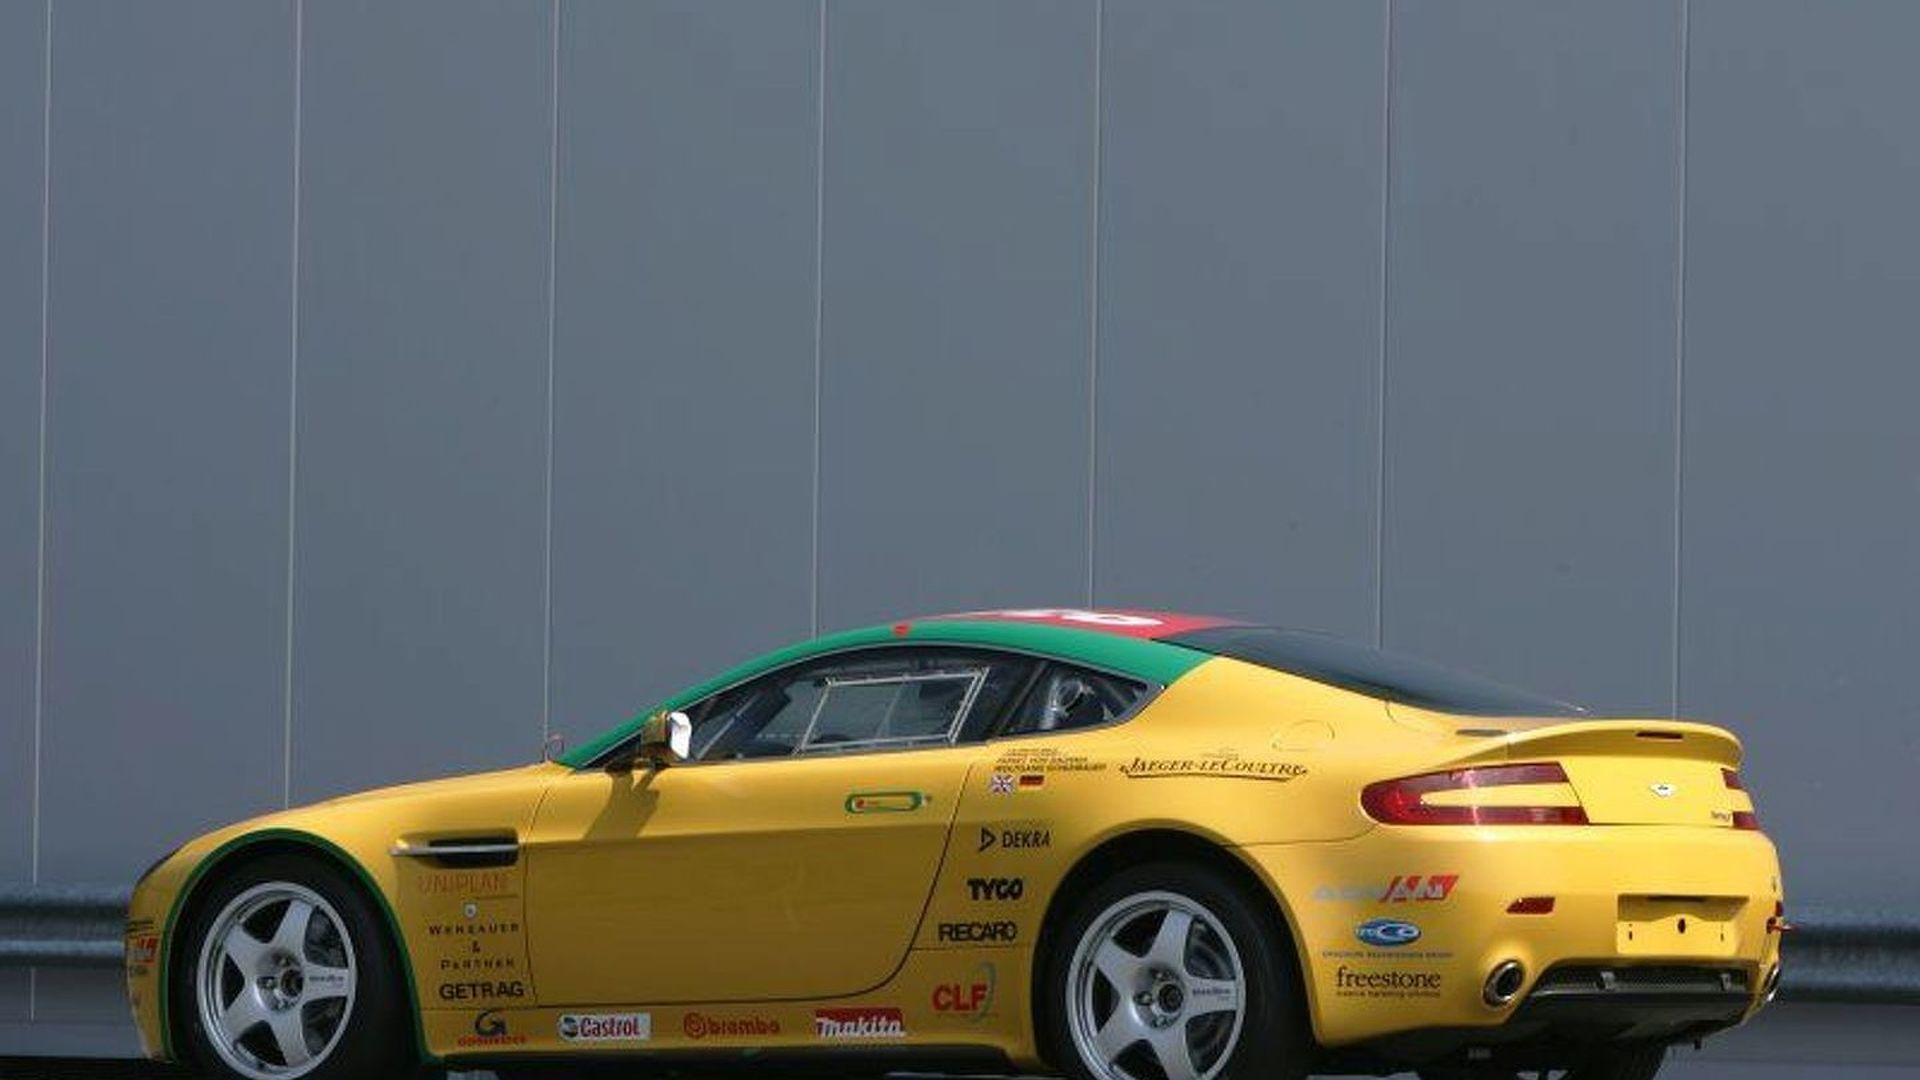 Aston Martin N24 V8 Vantage Specifications Confirmed Motor1 Com Photos